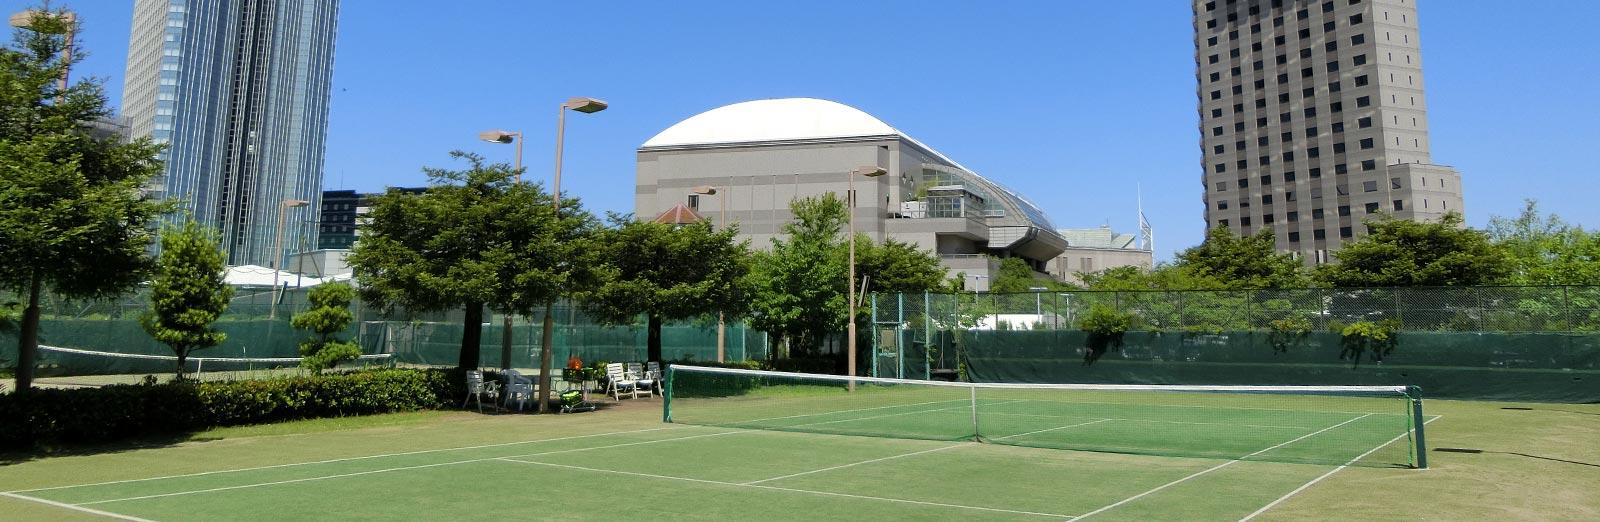 Ken'sテニスパークホテルニューオータニ幕張